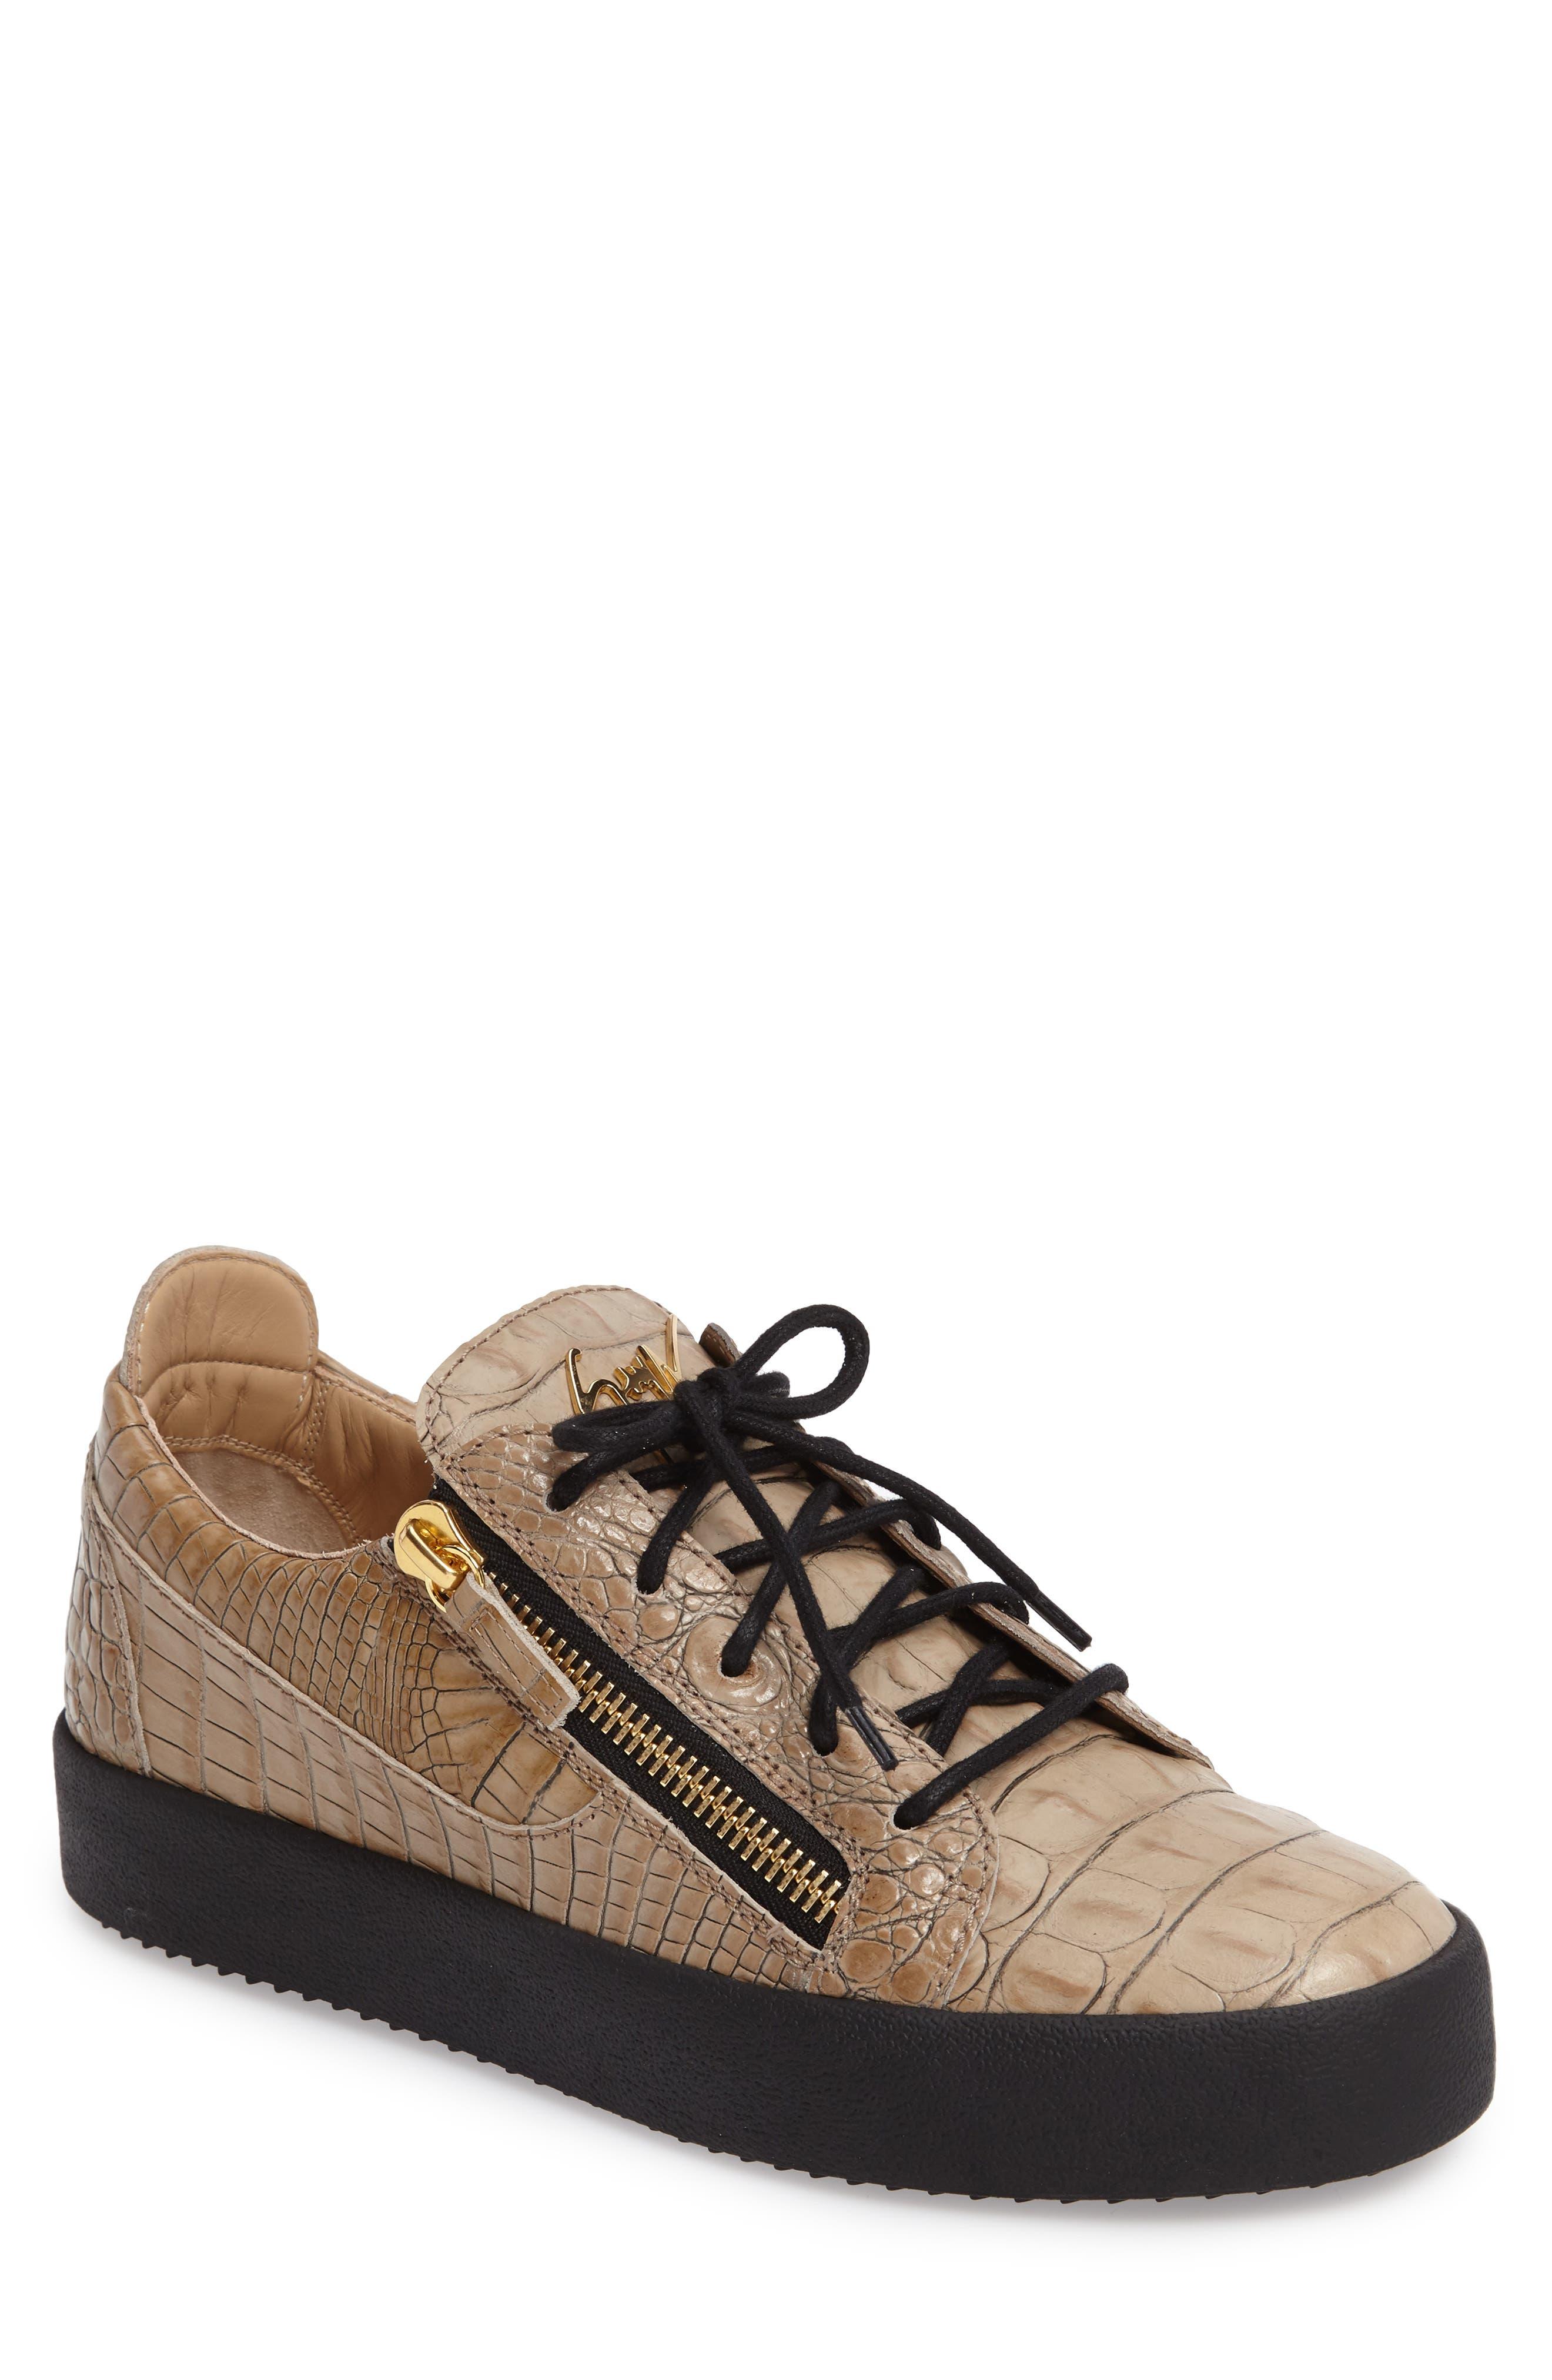 Low Top Sneaker,                             Main thumbnail 1, color,                             200